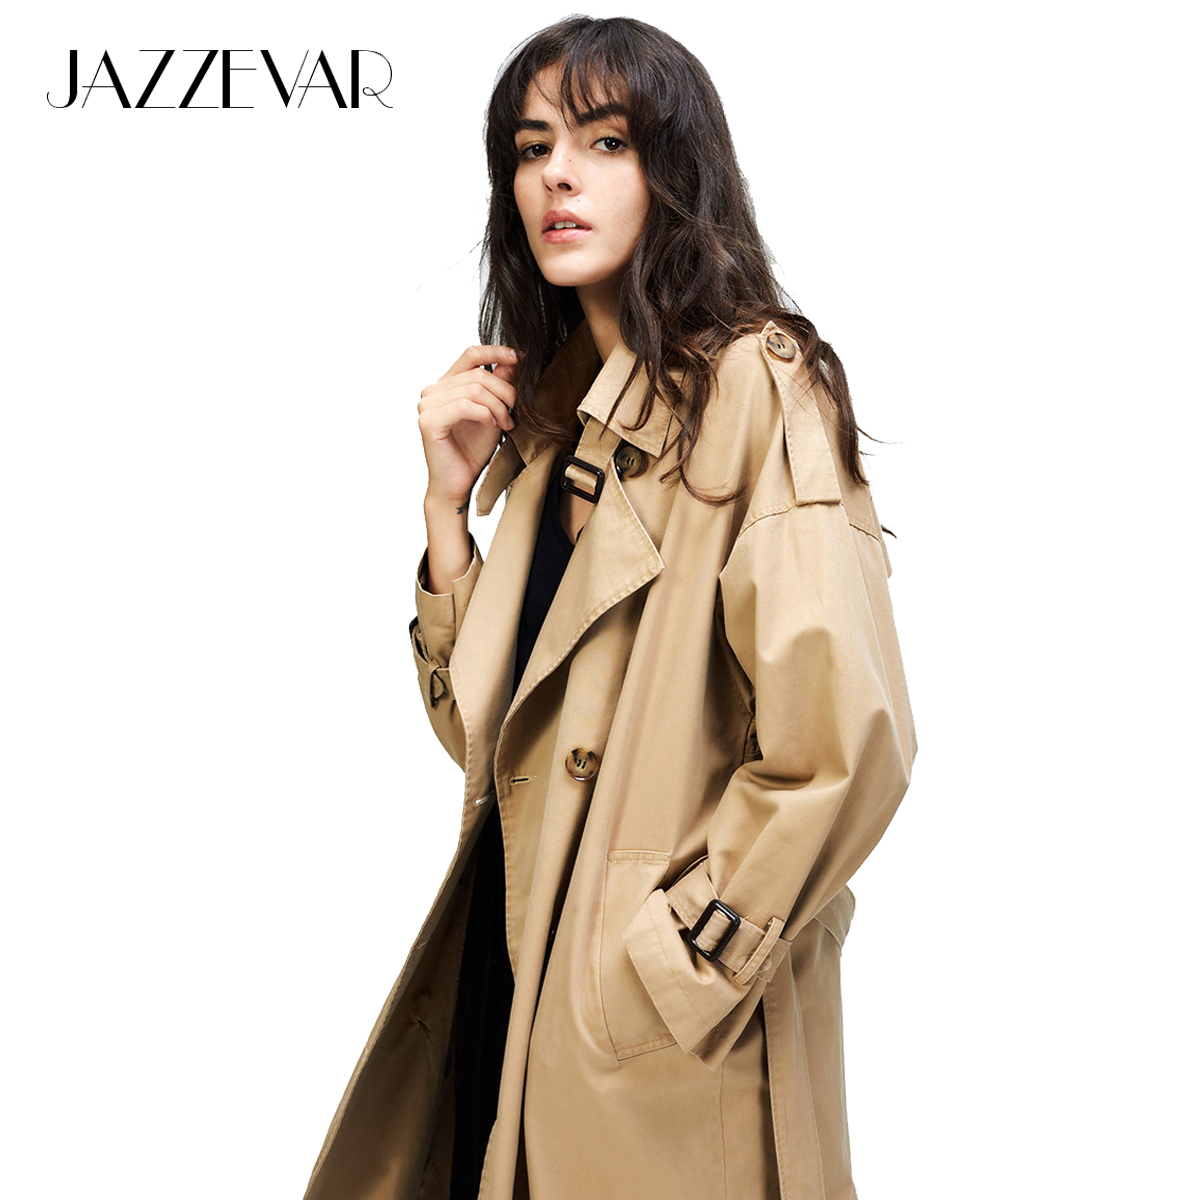 JAZZEVAR 2018 las nuevas mujeres de otoño Casual trench coat oversize doble Breasted Vintage lavado Outwear ropa suelta